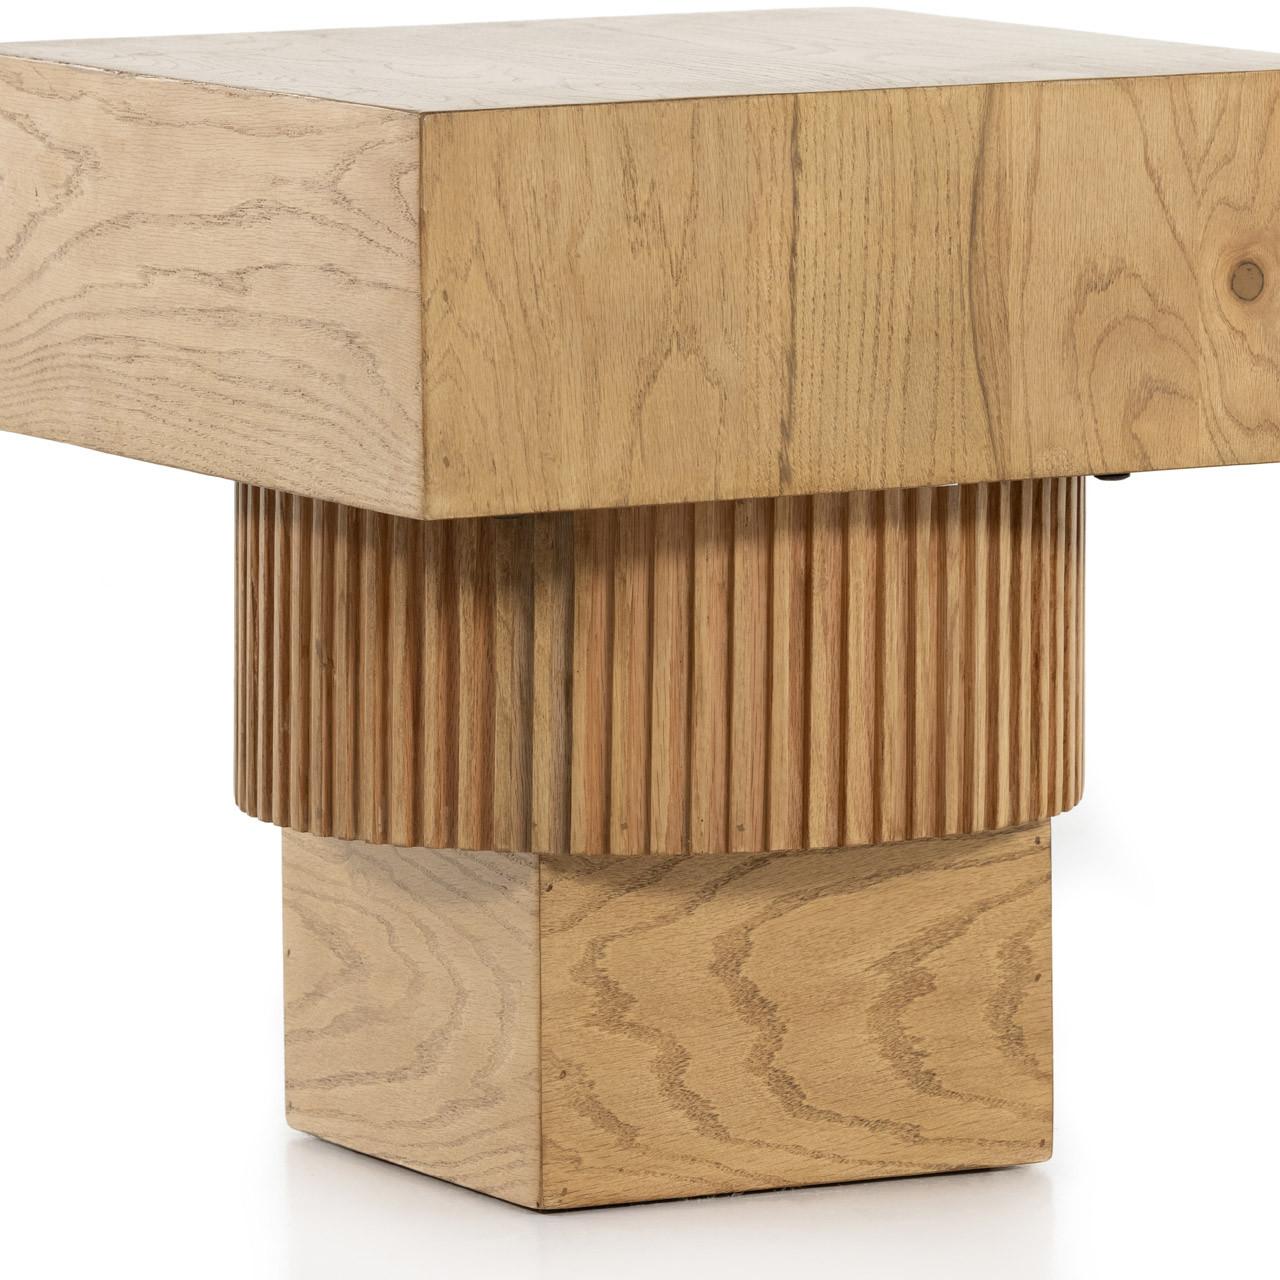 Leo End Table - Honey Oak